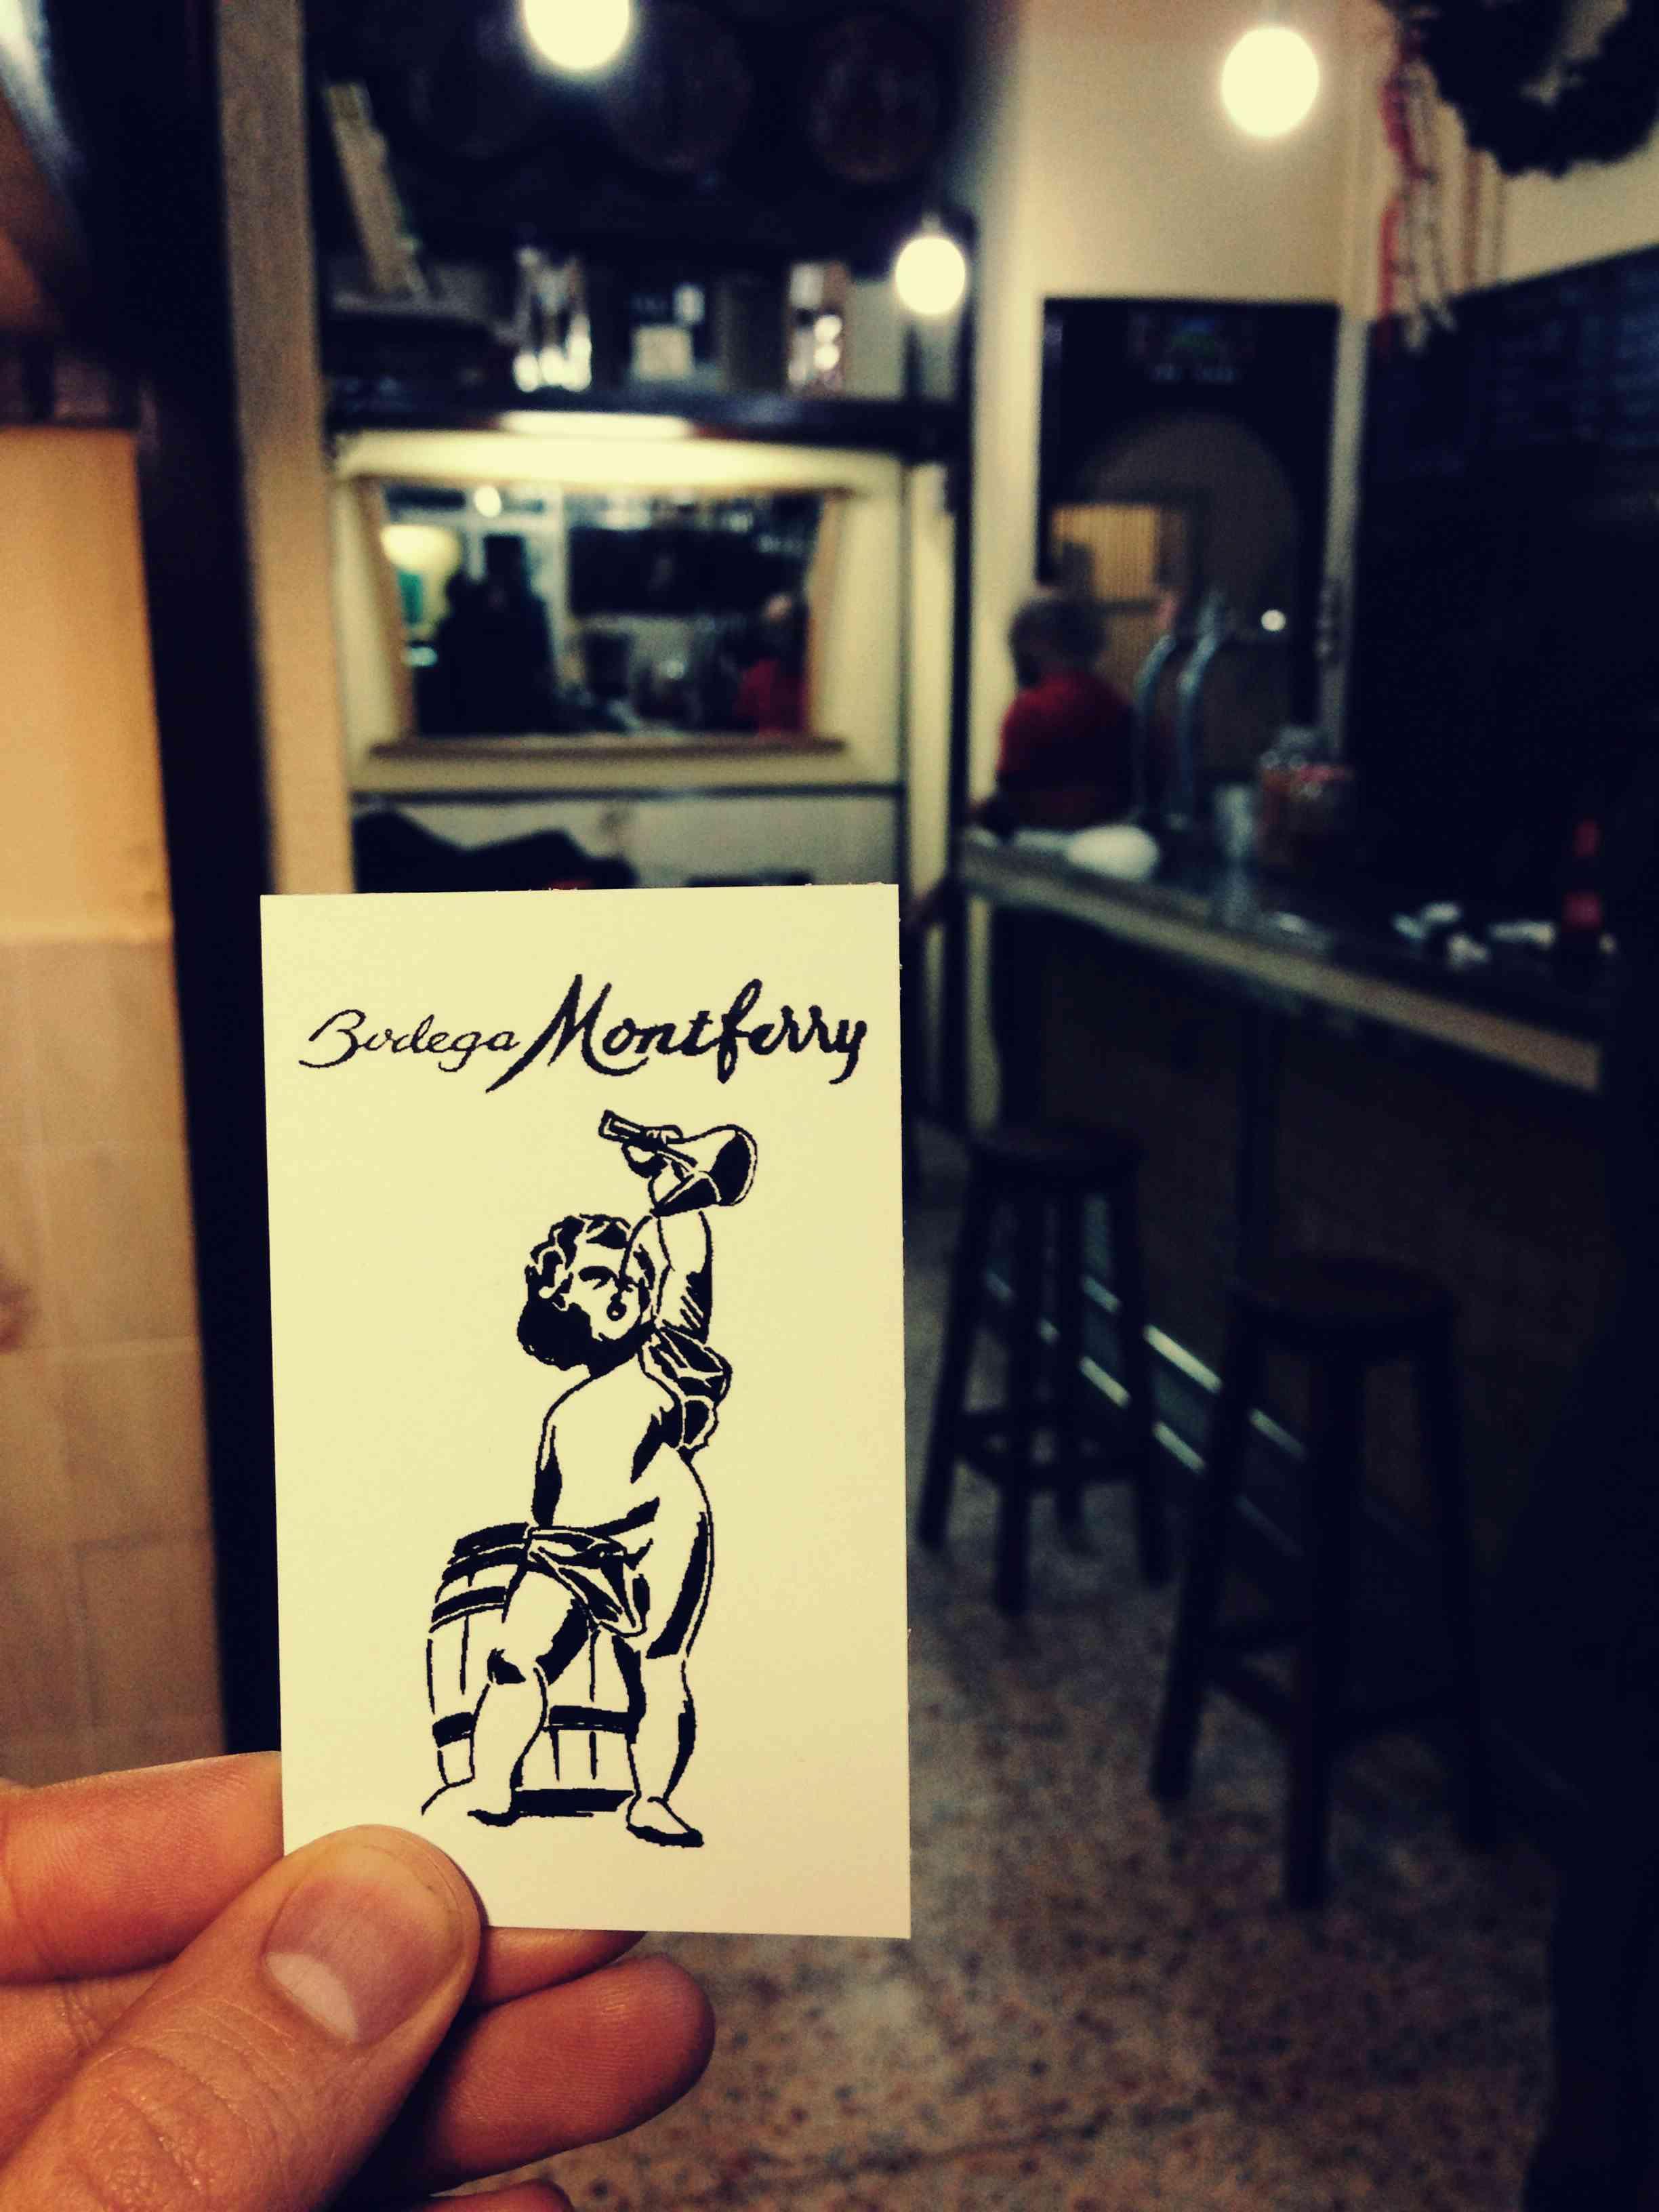 Bodega Montferry logo